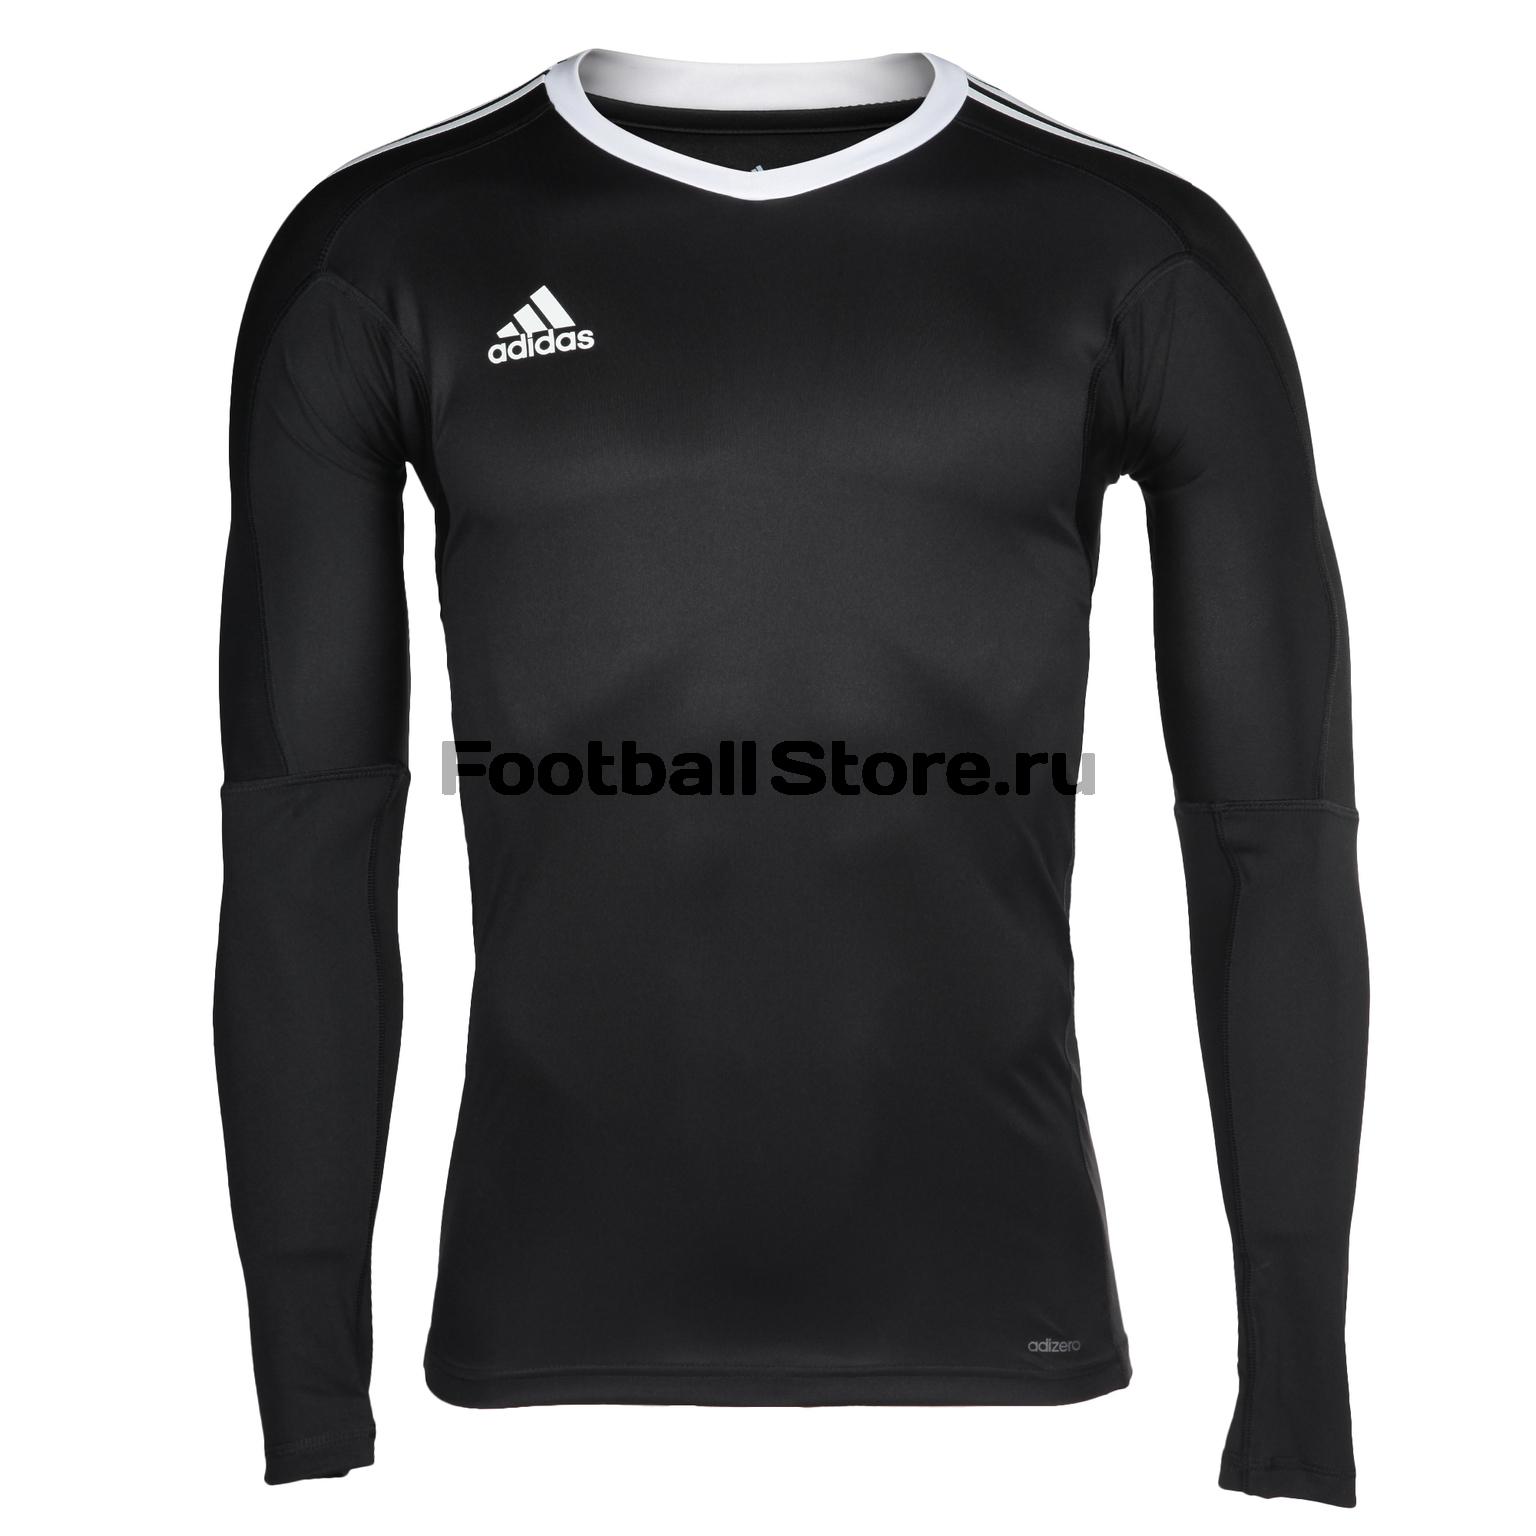 Свитер вратарский Adidas Revigo 17 GK AZ5392 свитера adidas свитер вратарский adidas adipro 18 gk l cv6349